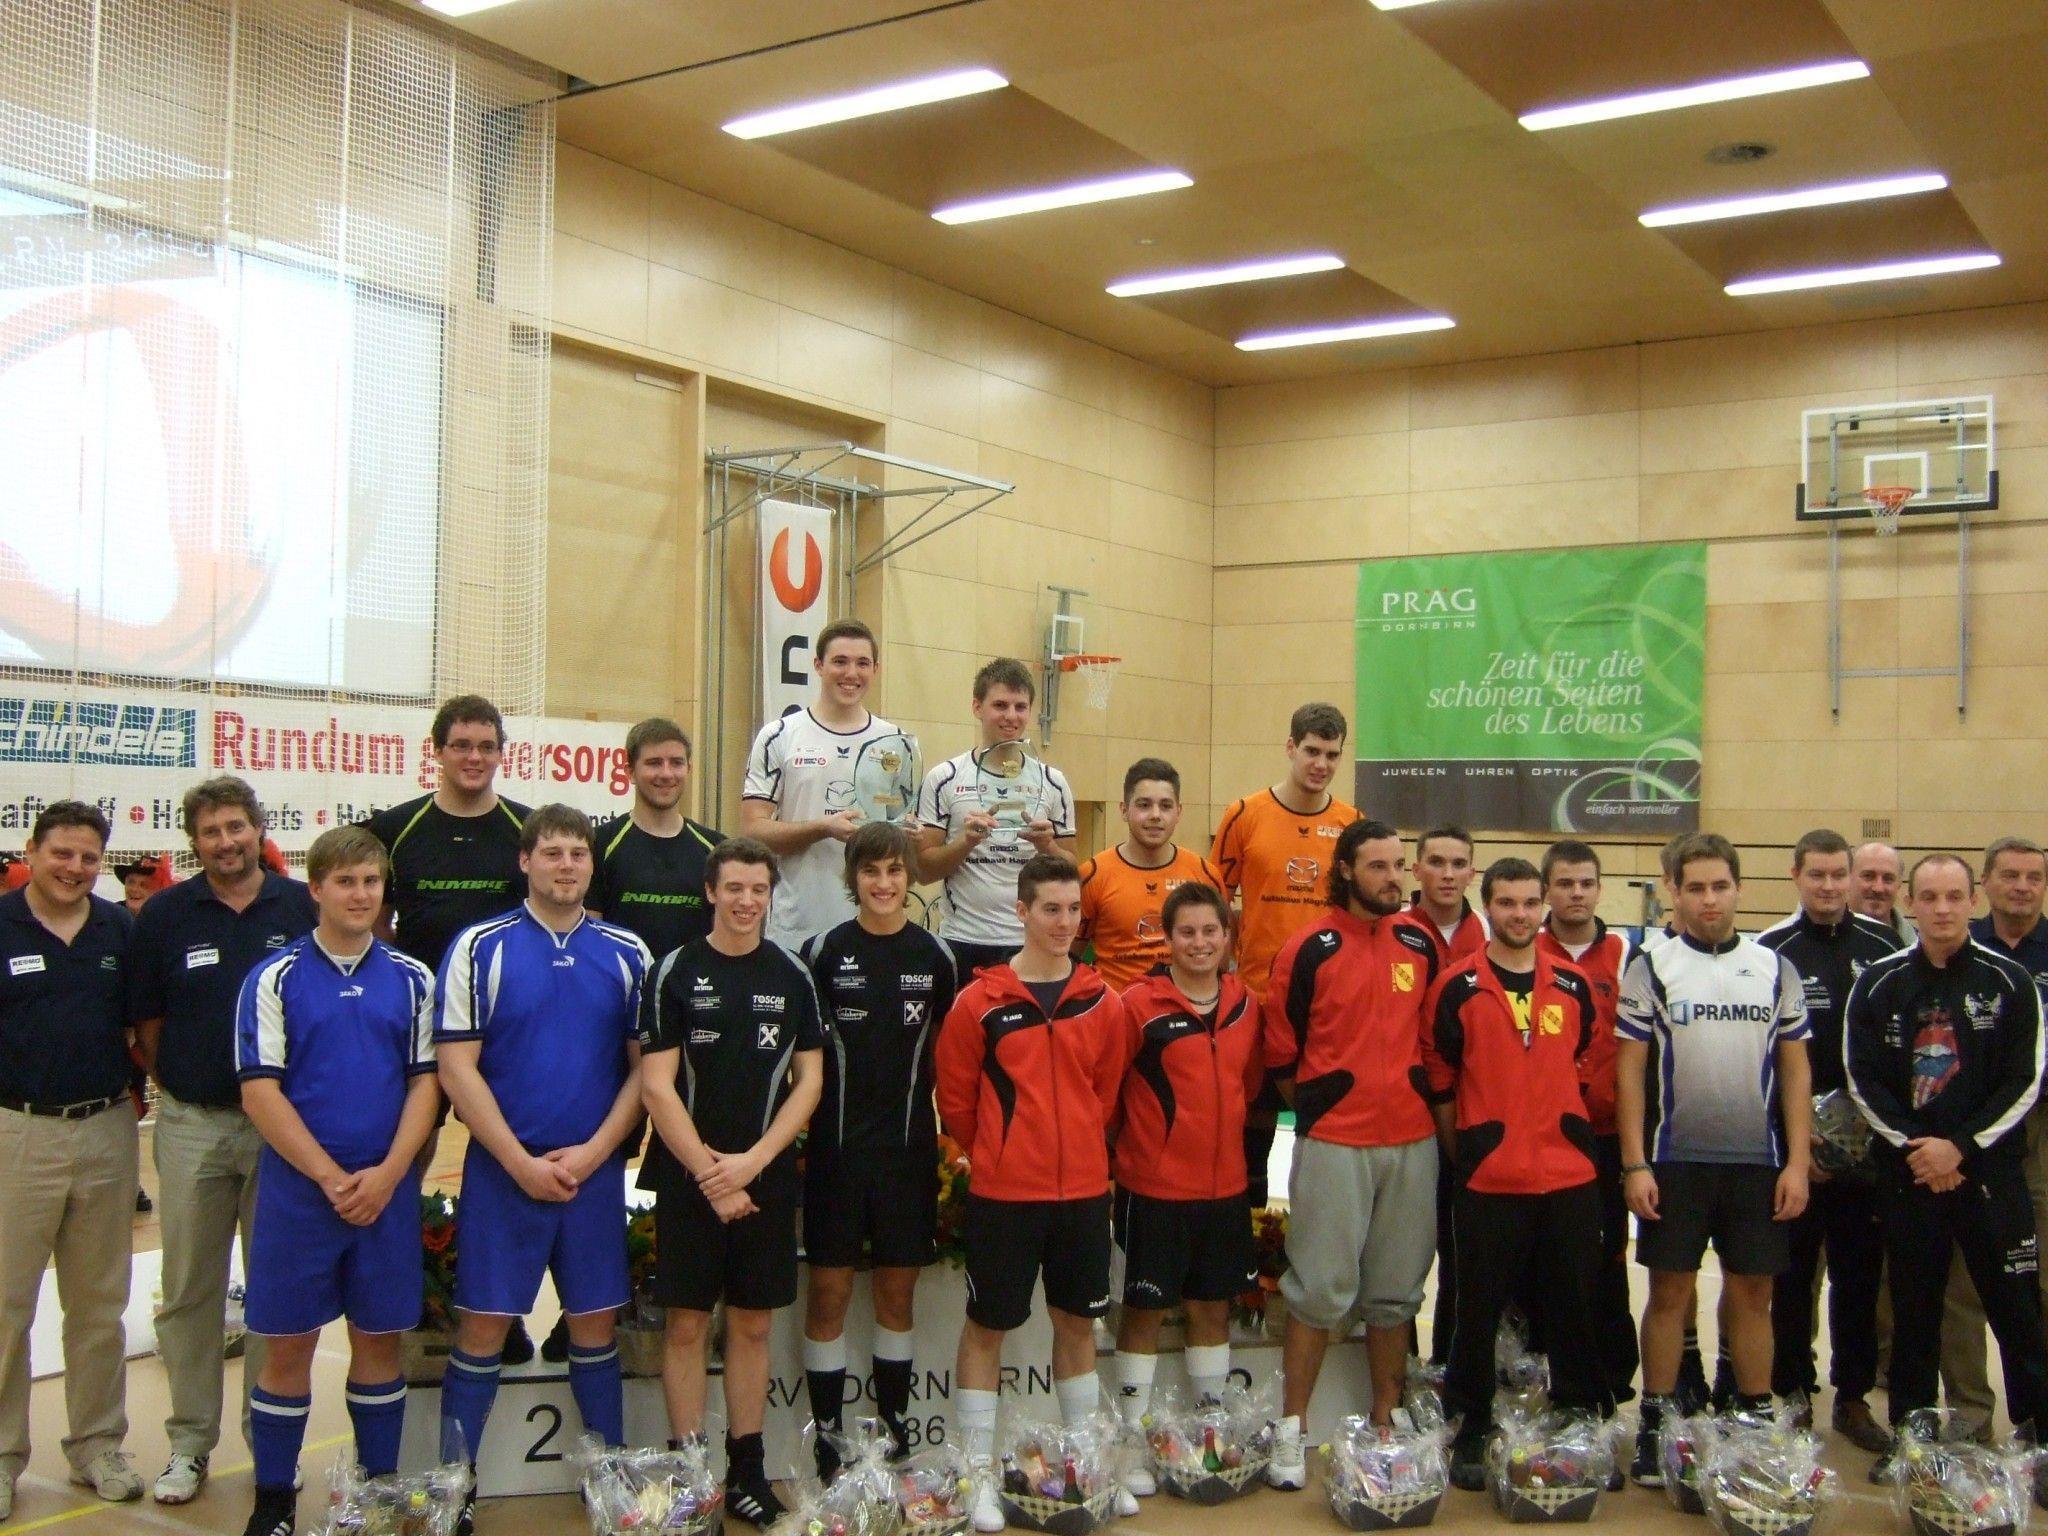 Die stolzen Sieger vom U23 Europacup im Radball, der heuer in Dornbirn stattfand.